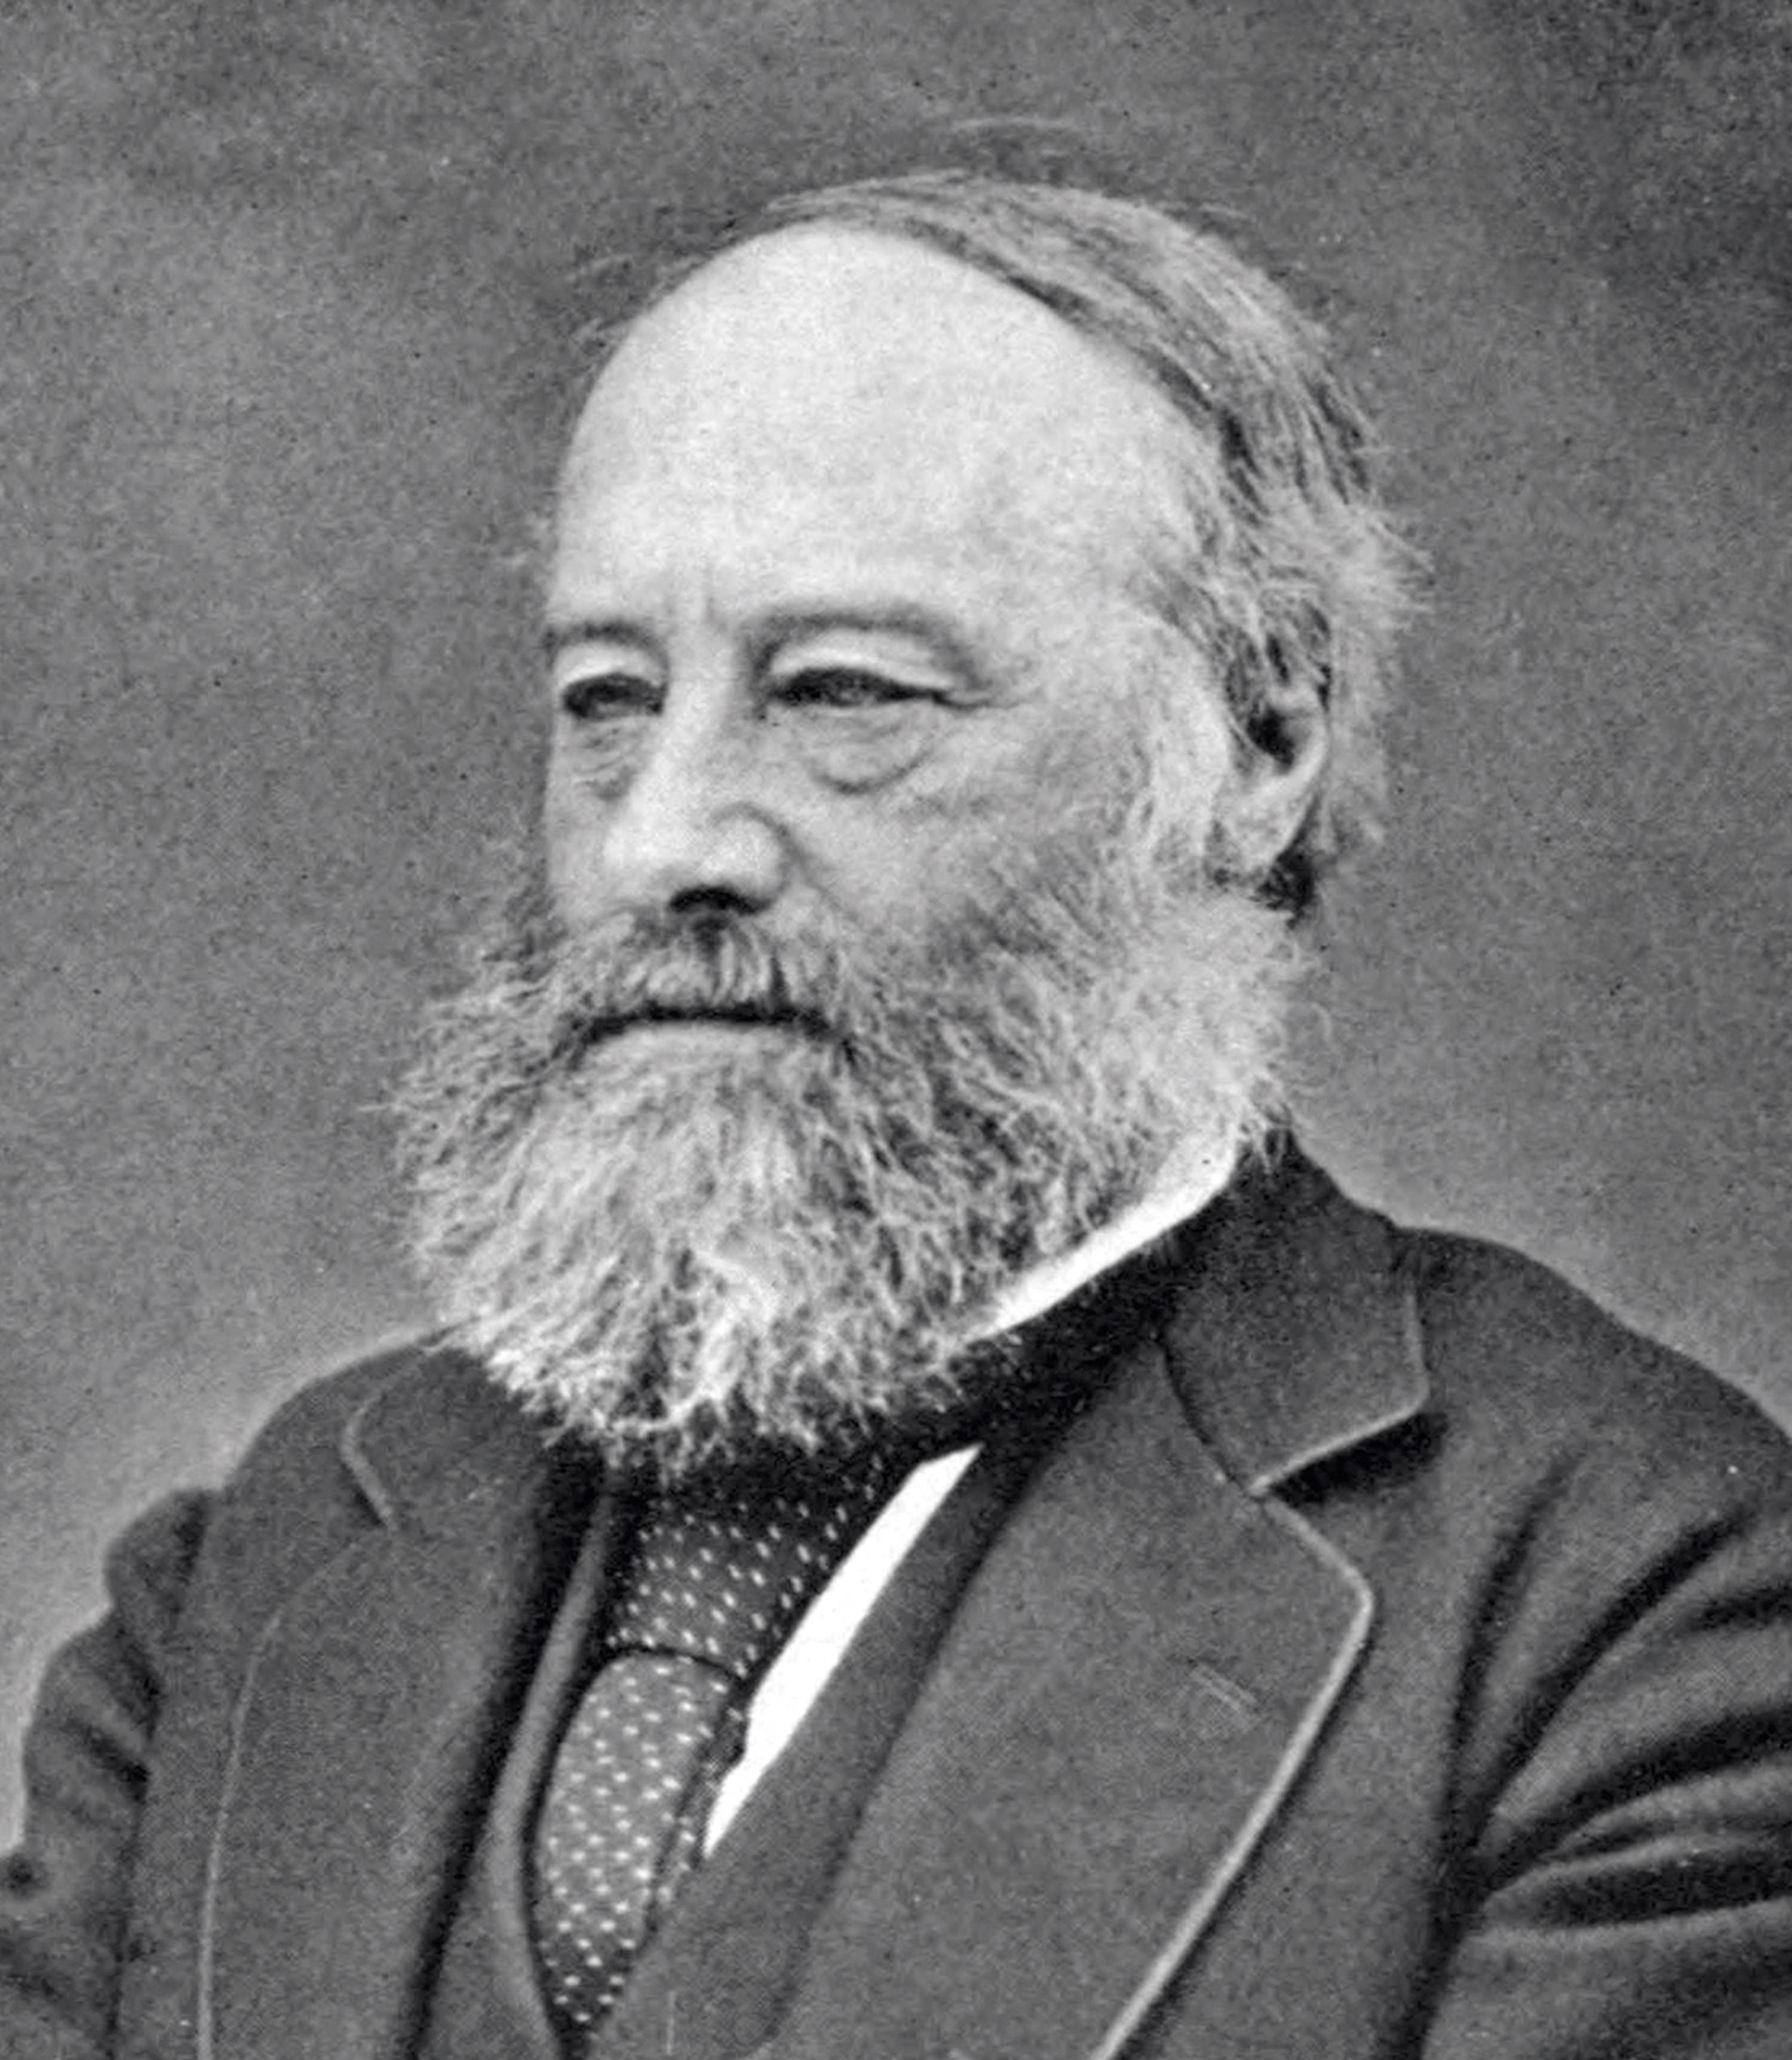 James Prescott Joule (1818 - 1889).